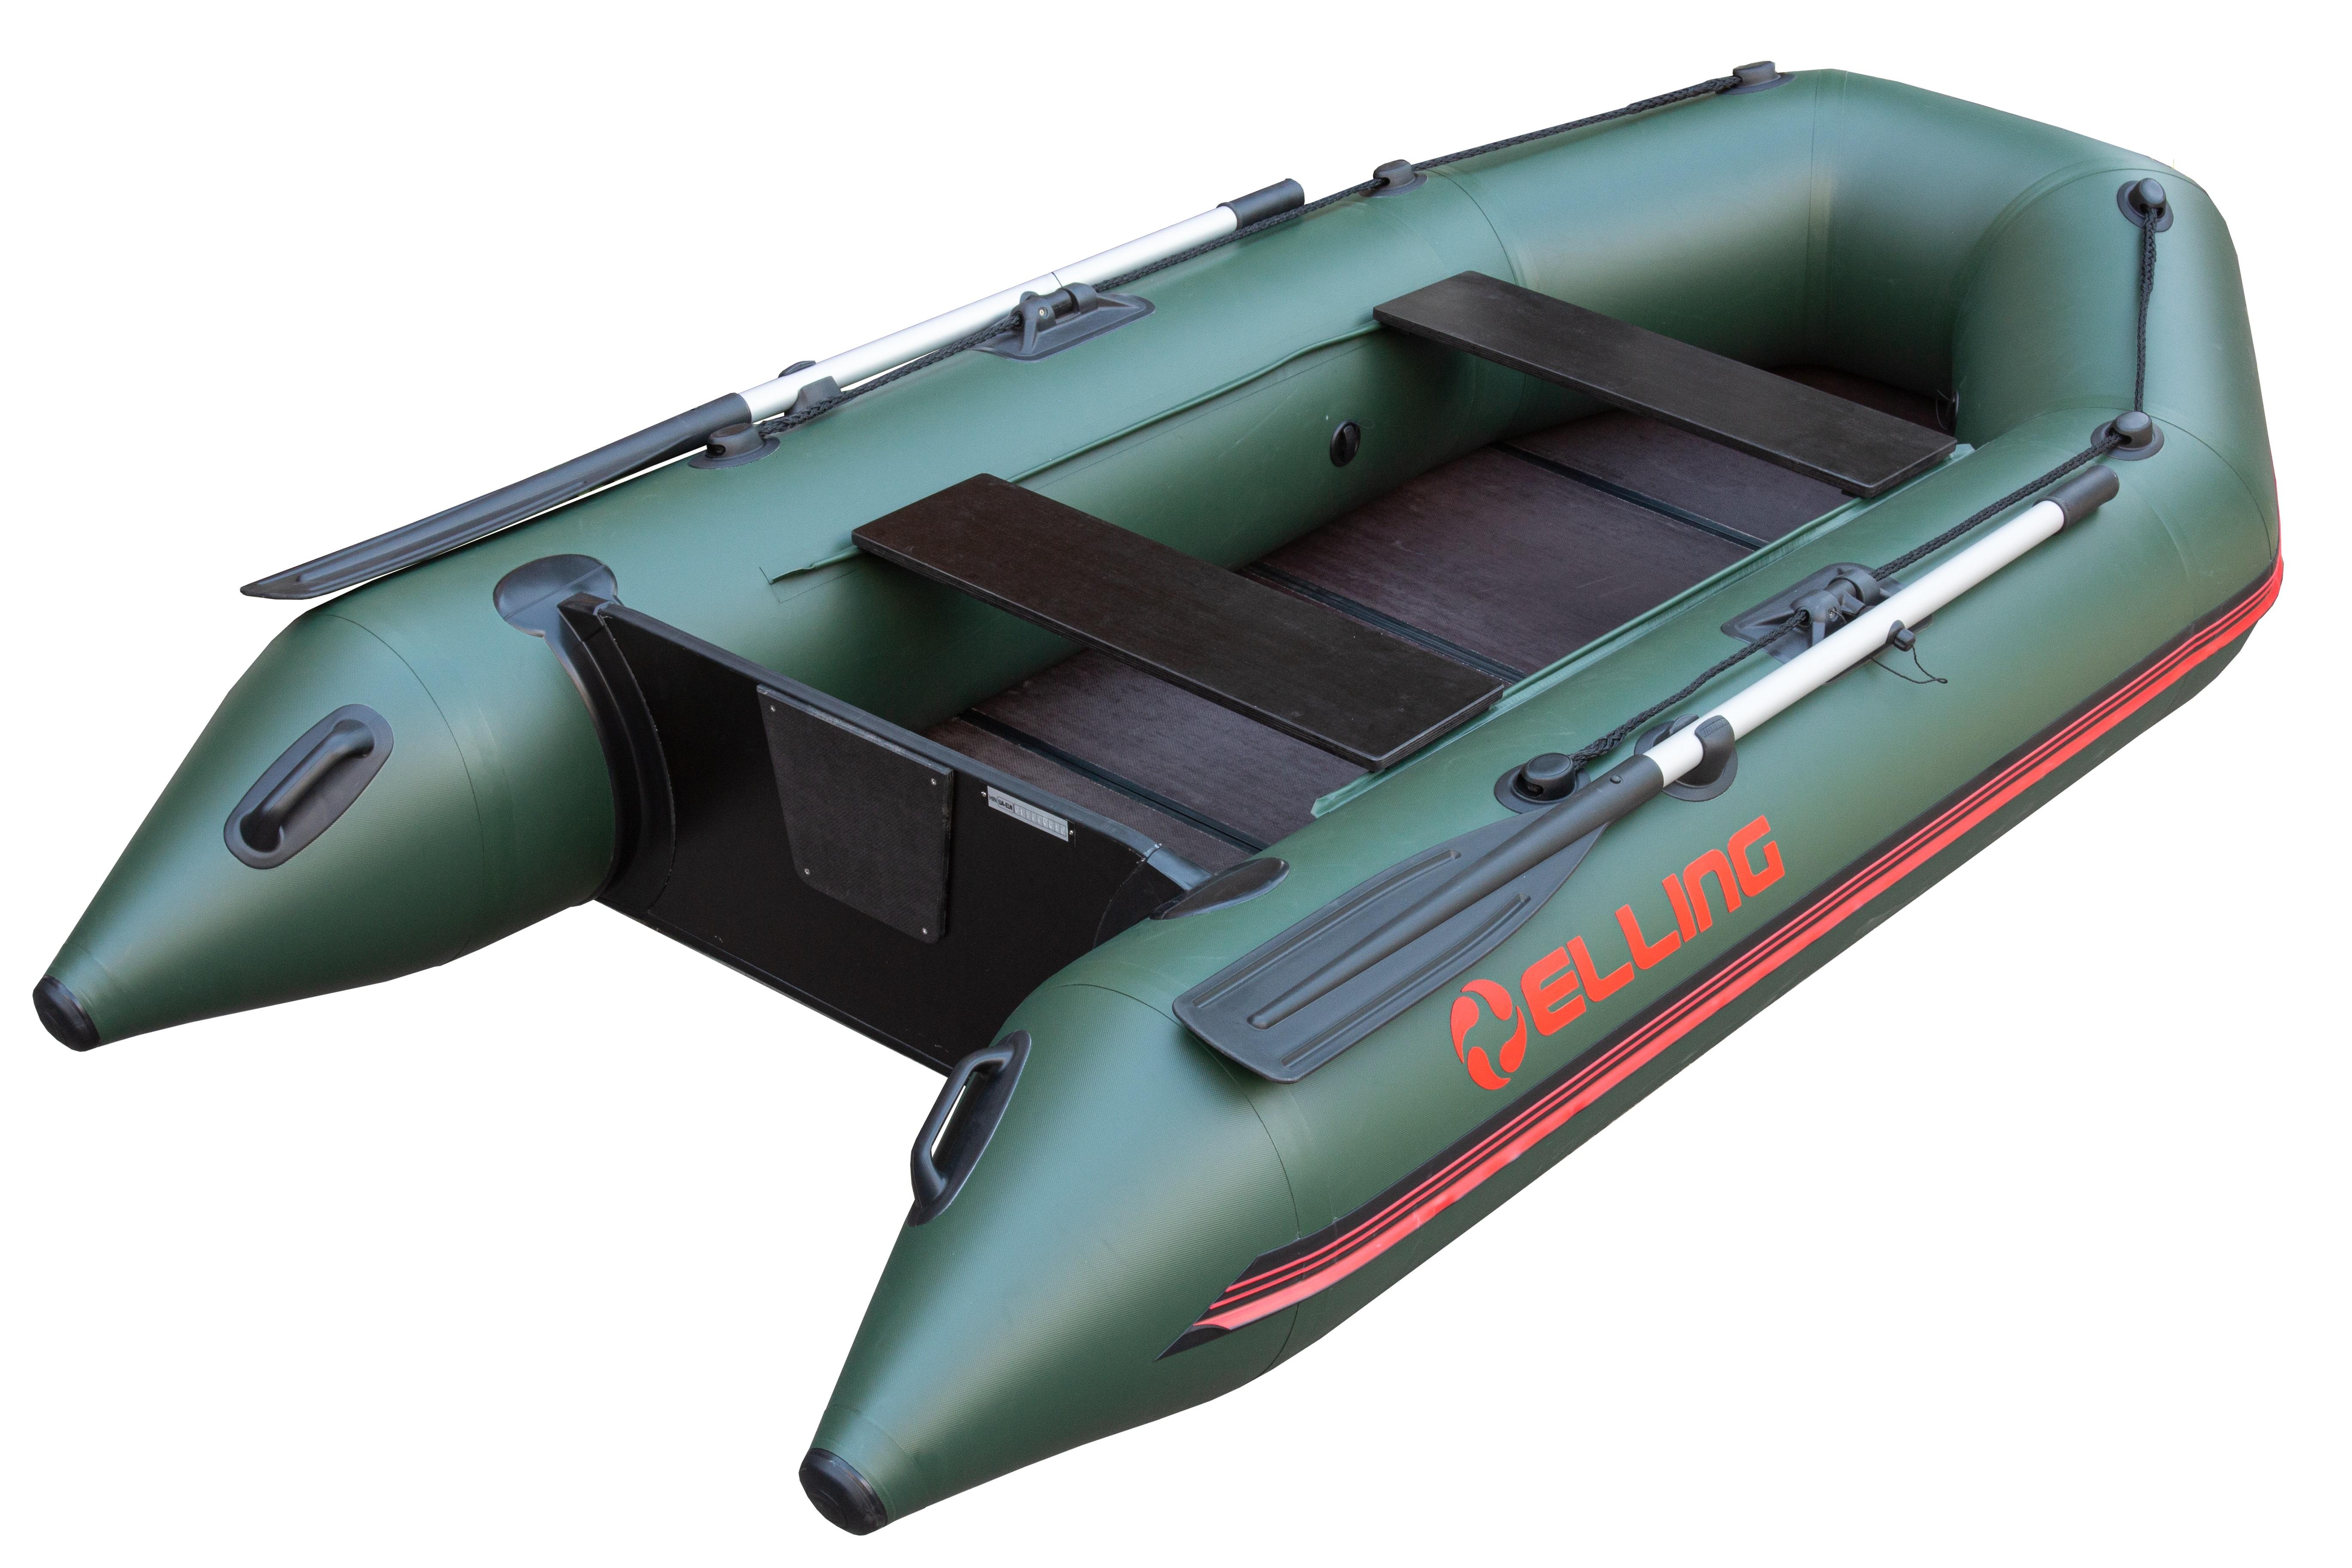 Nafukovací čluny Elling - Forsage 290 s pevnou skládací podlahou, zelený